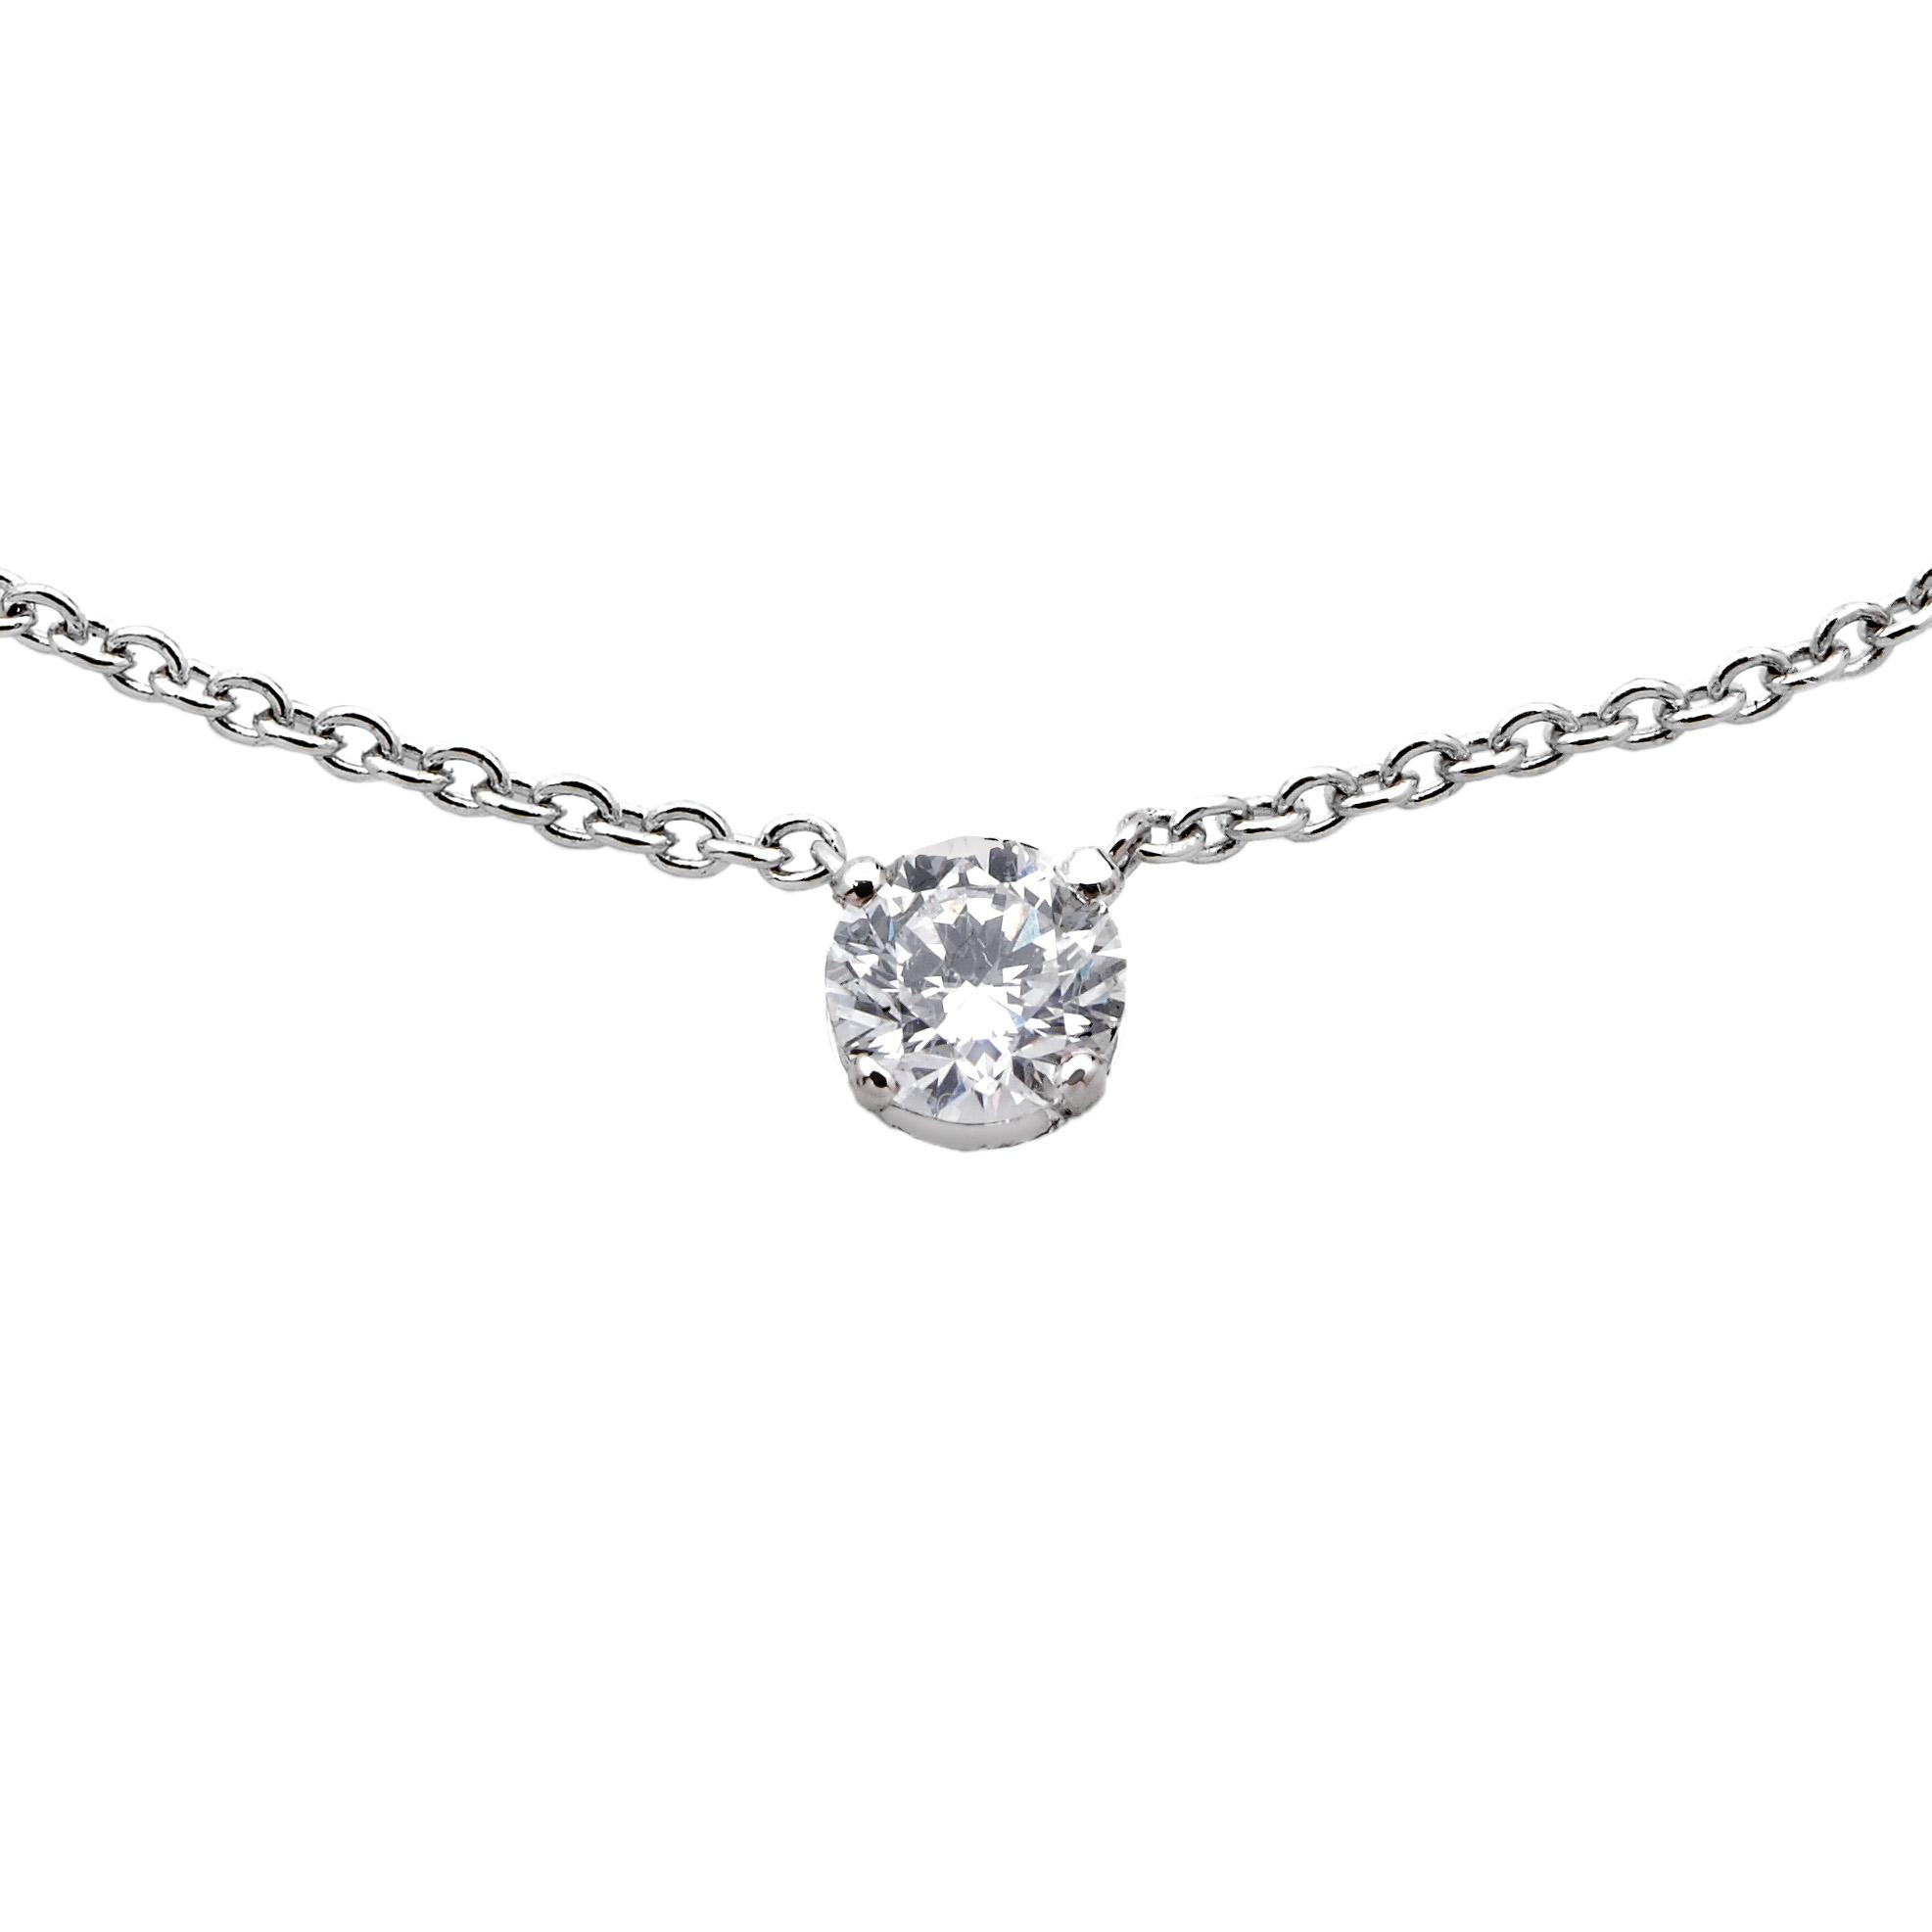 Pendentif Diamant et Or gris serti quatre griffes - Pascal IZERN